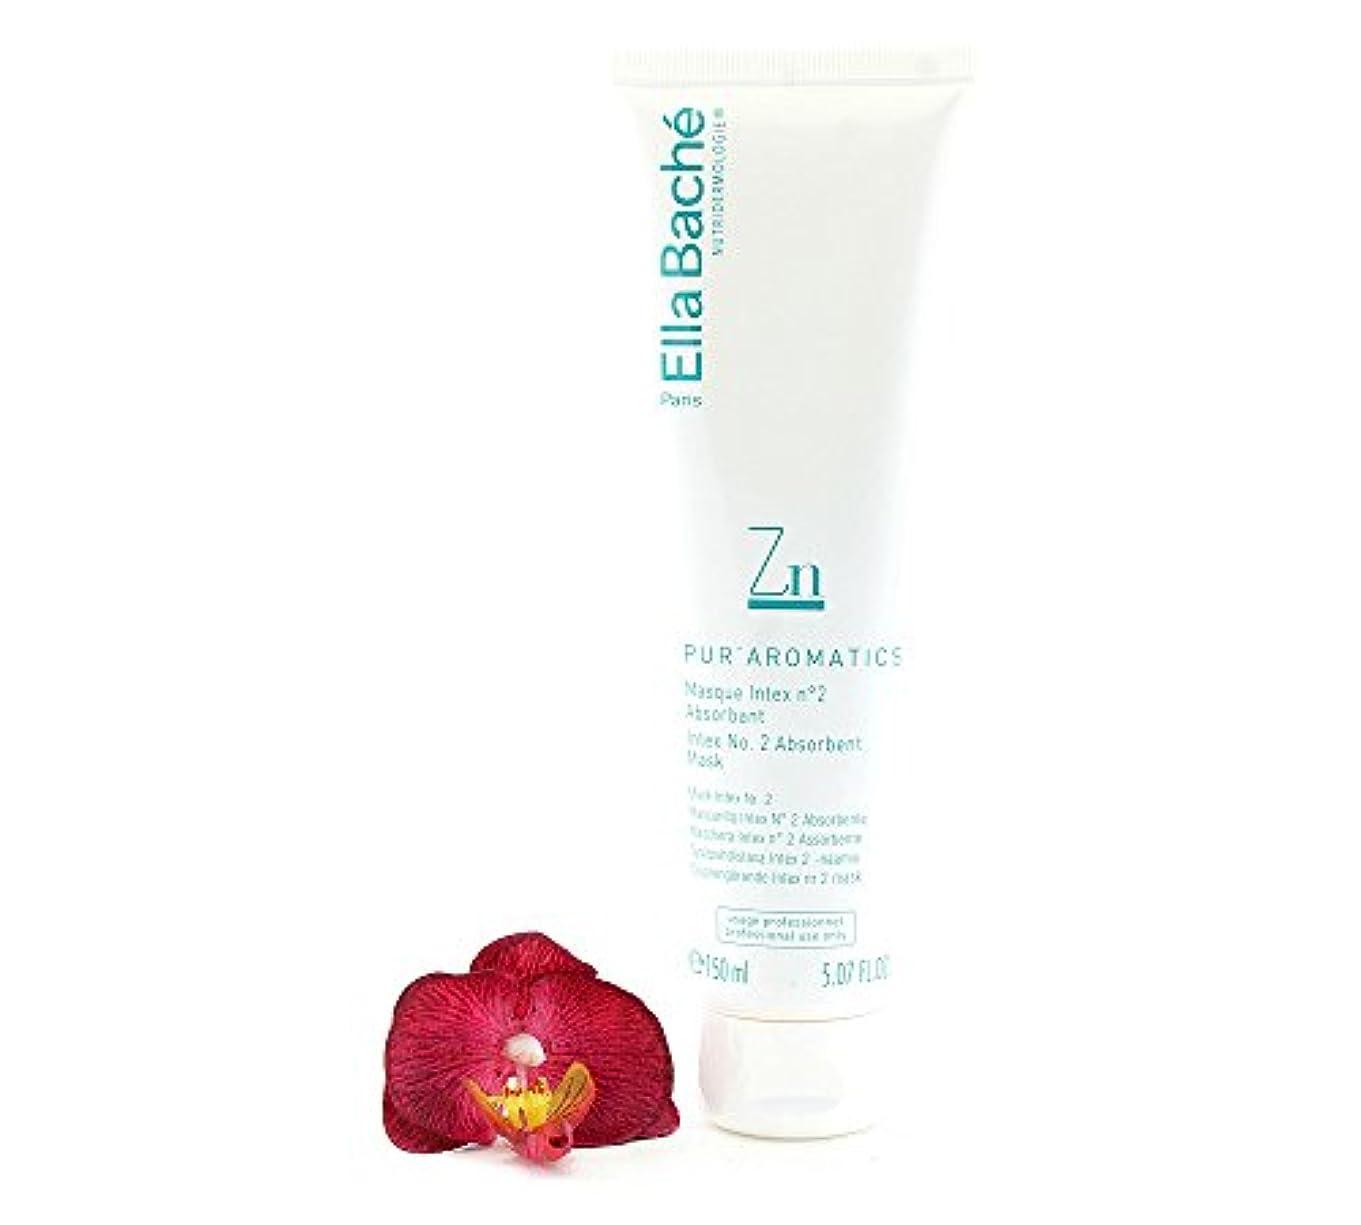 フォーク魅力的であることへのアピールブリークエラバシェ Pur' Aromatics Intex No.2 Absorbent Mask - Professional Size 150ml/5.07oz並行輸入品